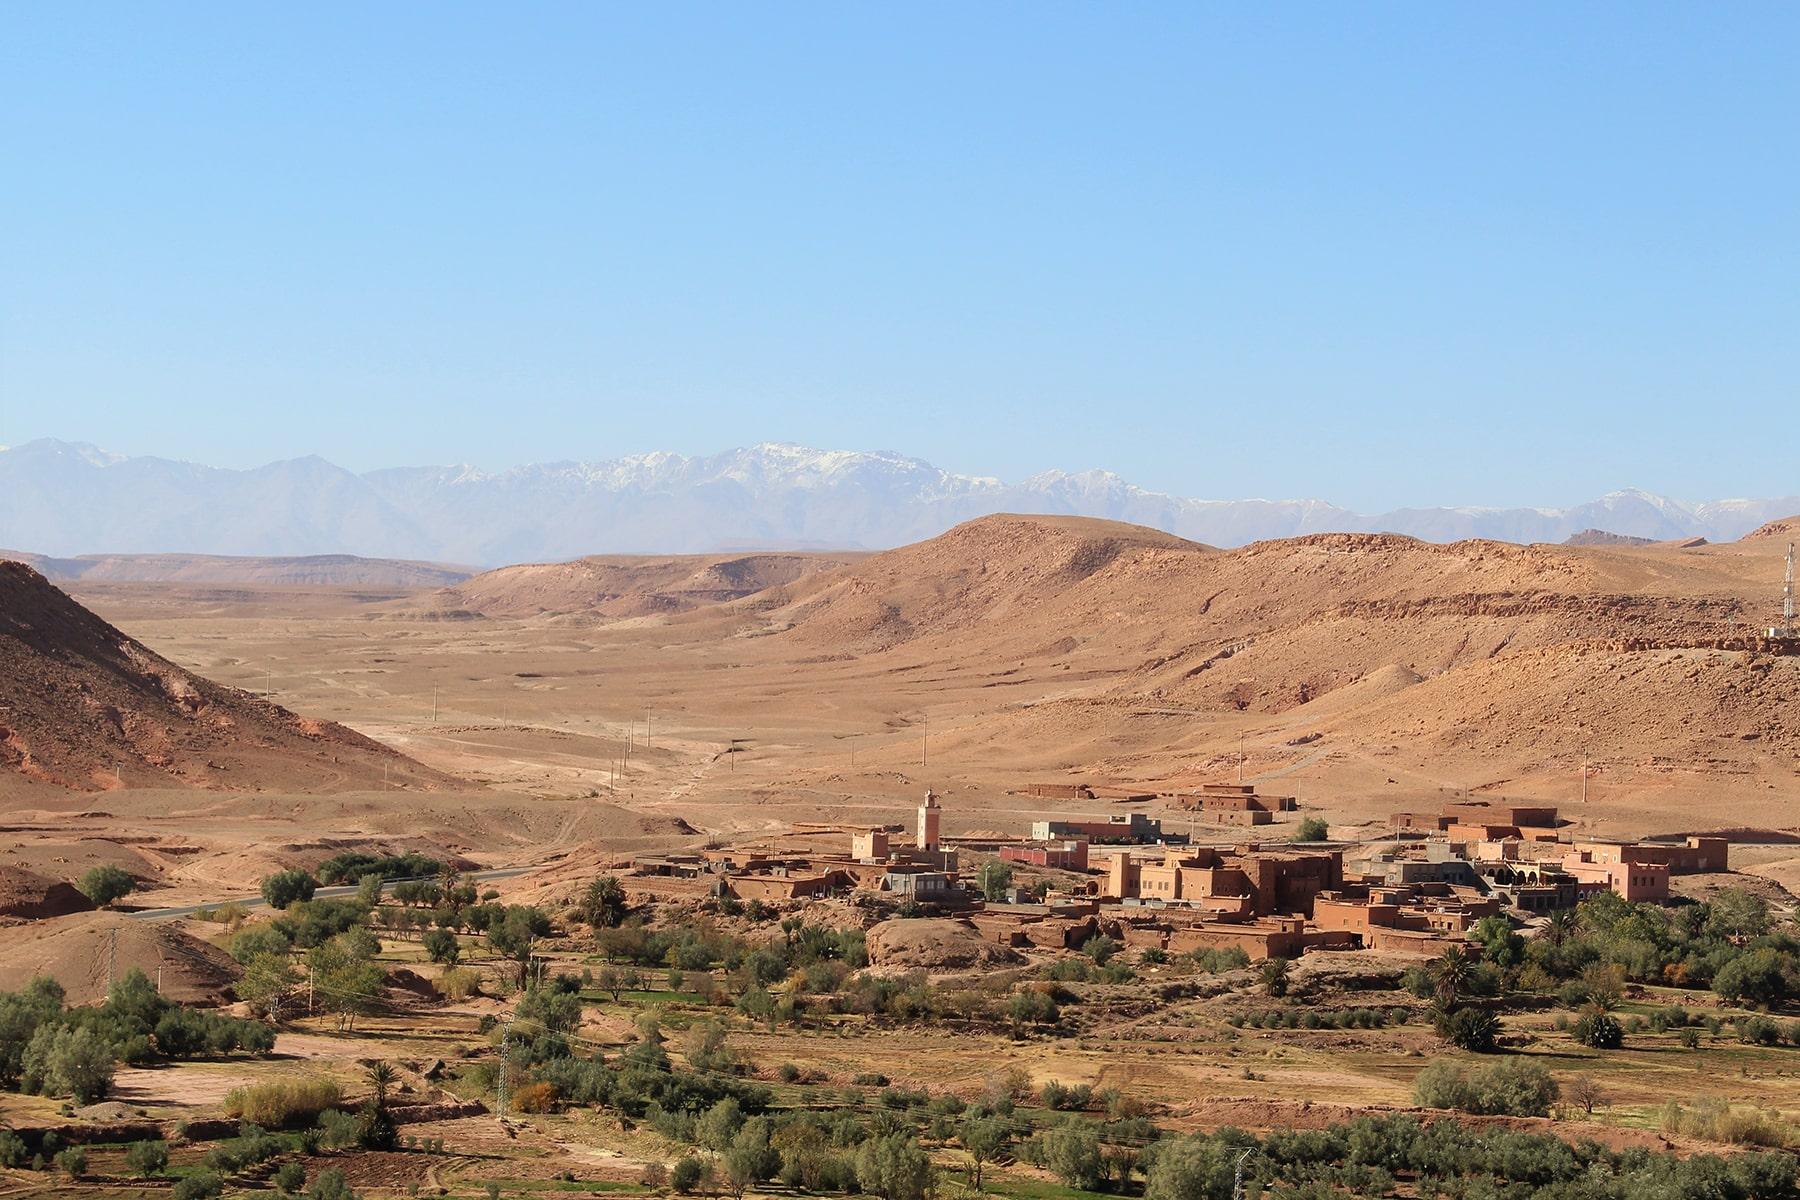 Vista di un villaggio da Ait Benhaddou